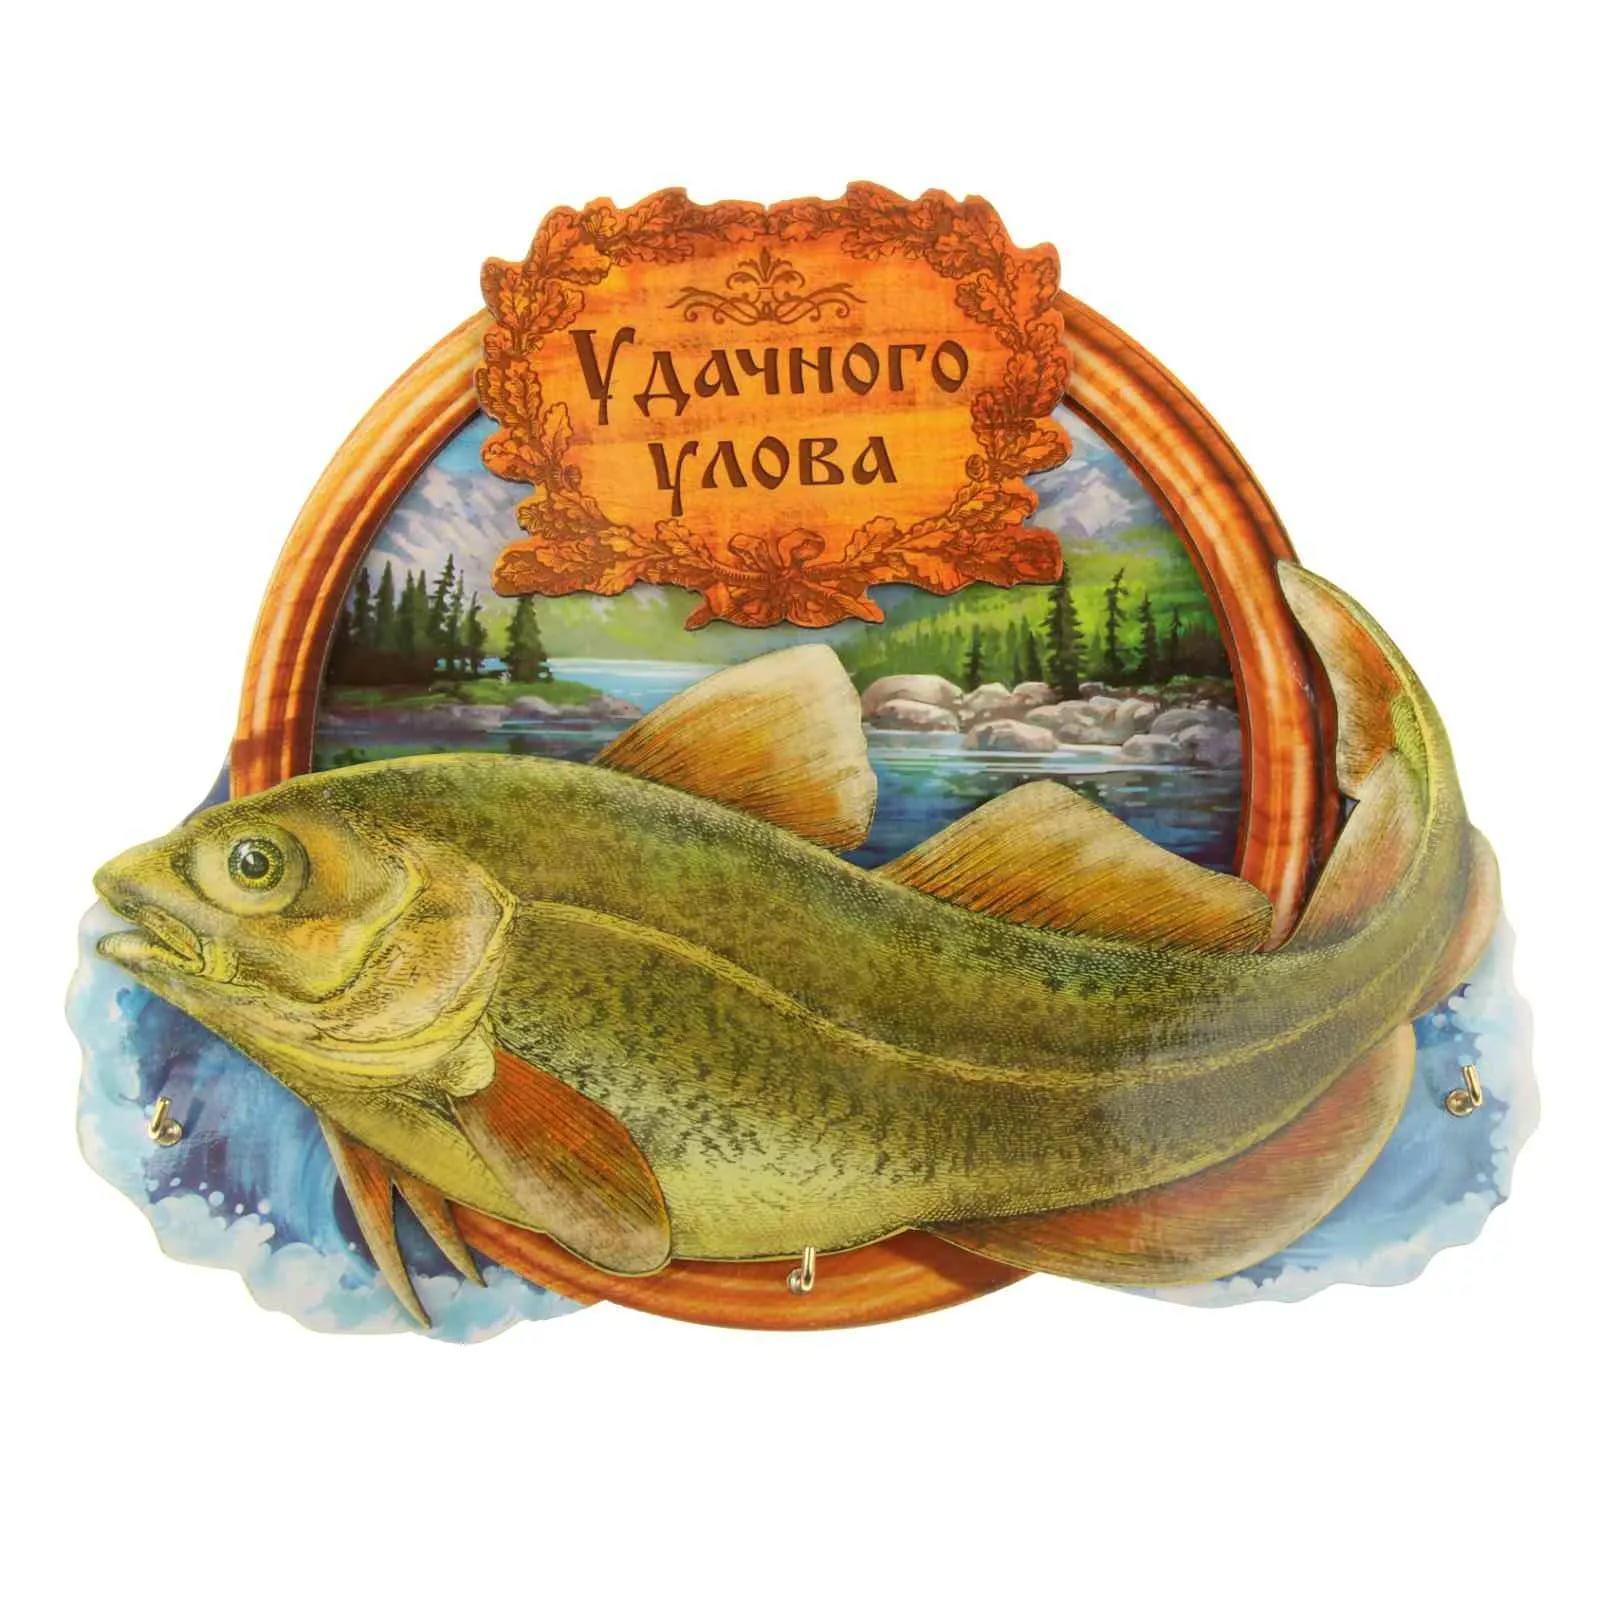 запросу поздравить с рыбалкой подчеркнут грудь дамы